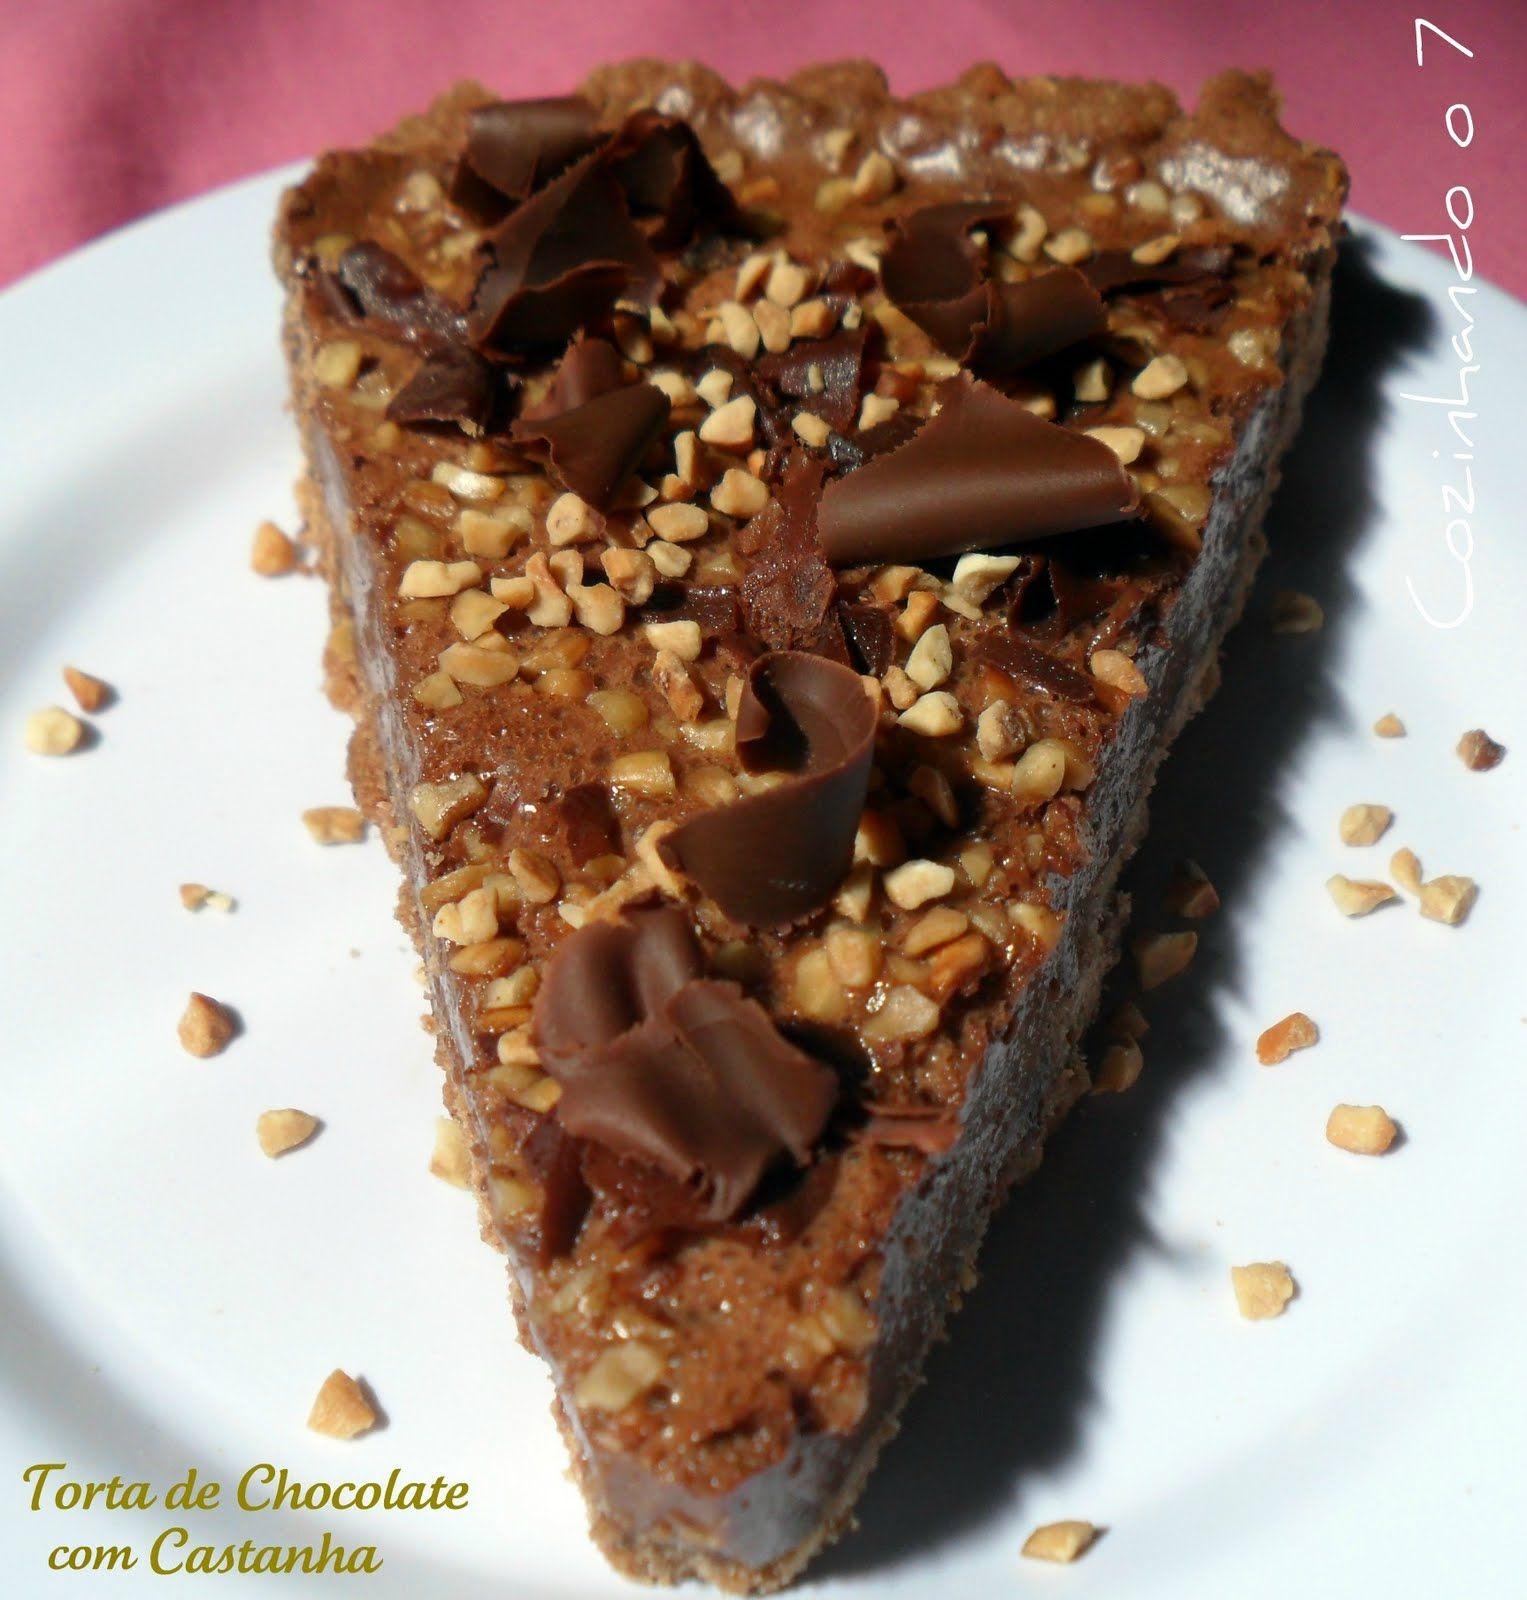 Cozinhando o 7: Torta de Chocolate com Castanha